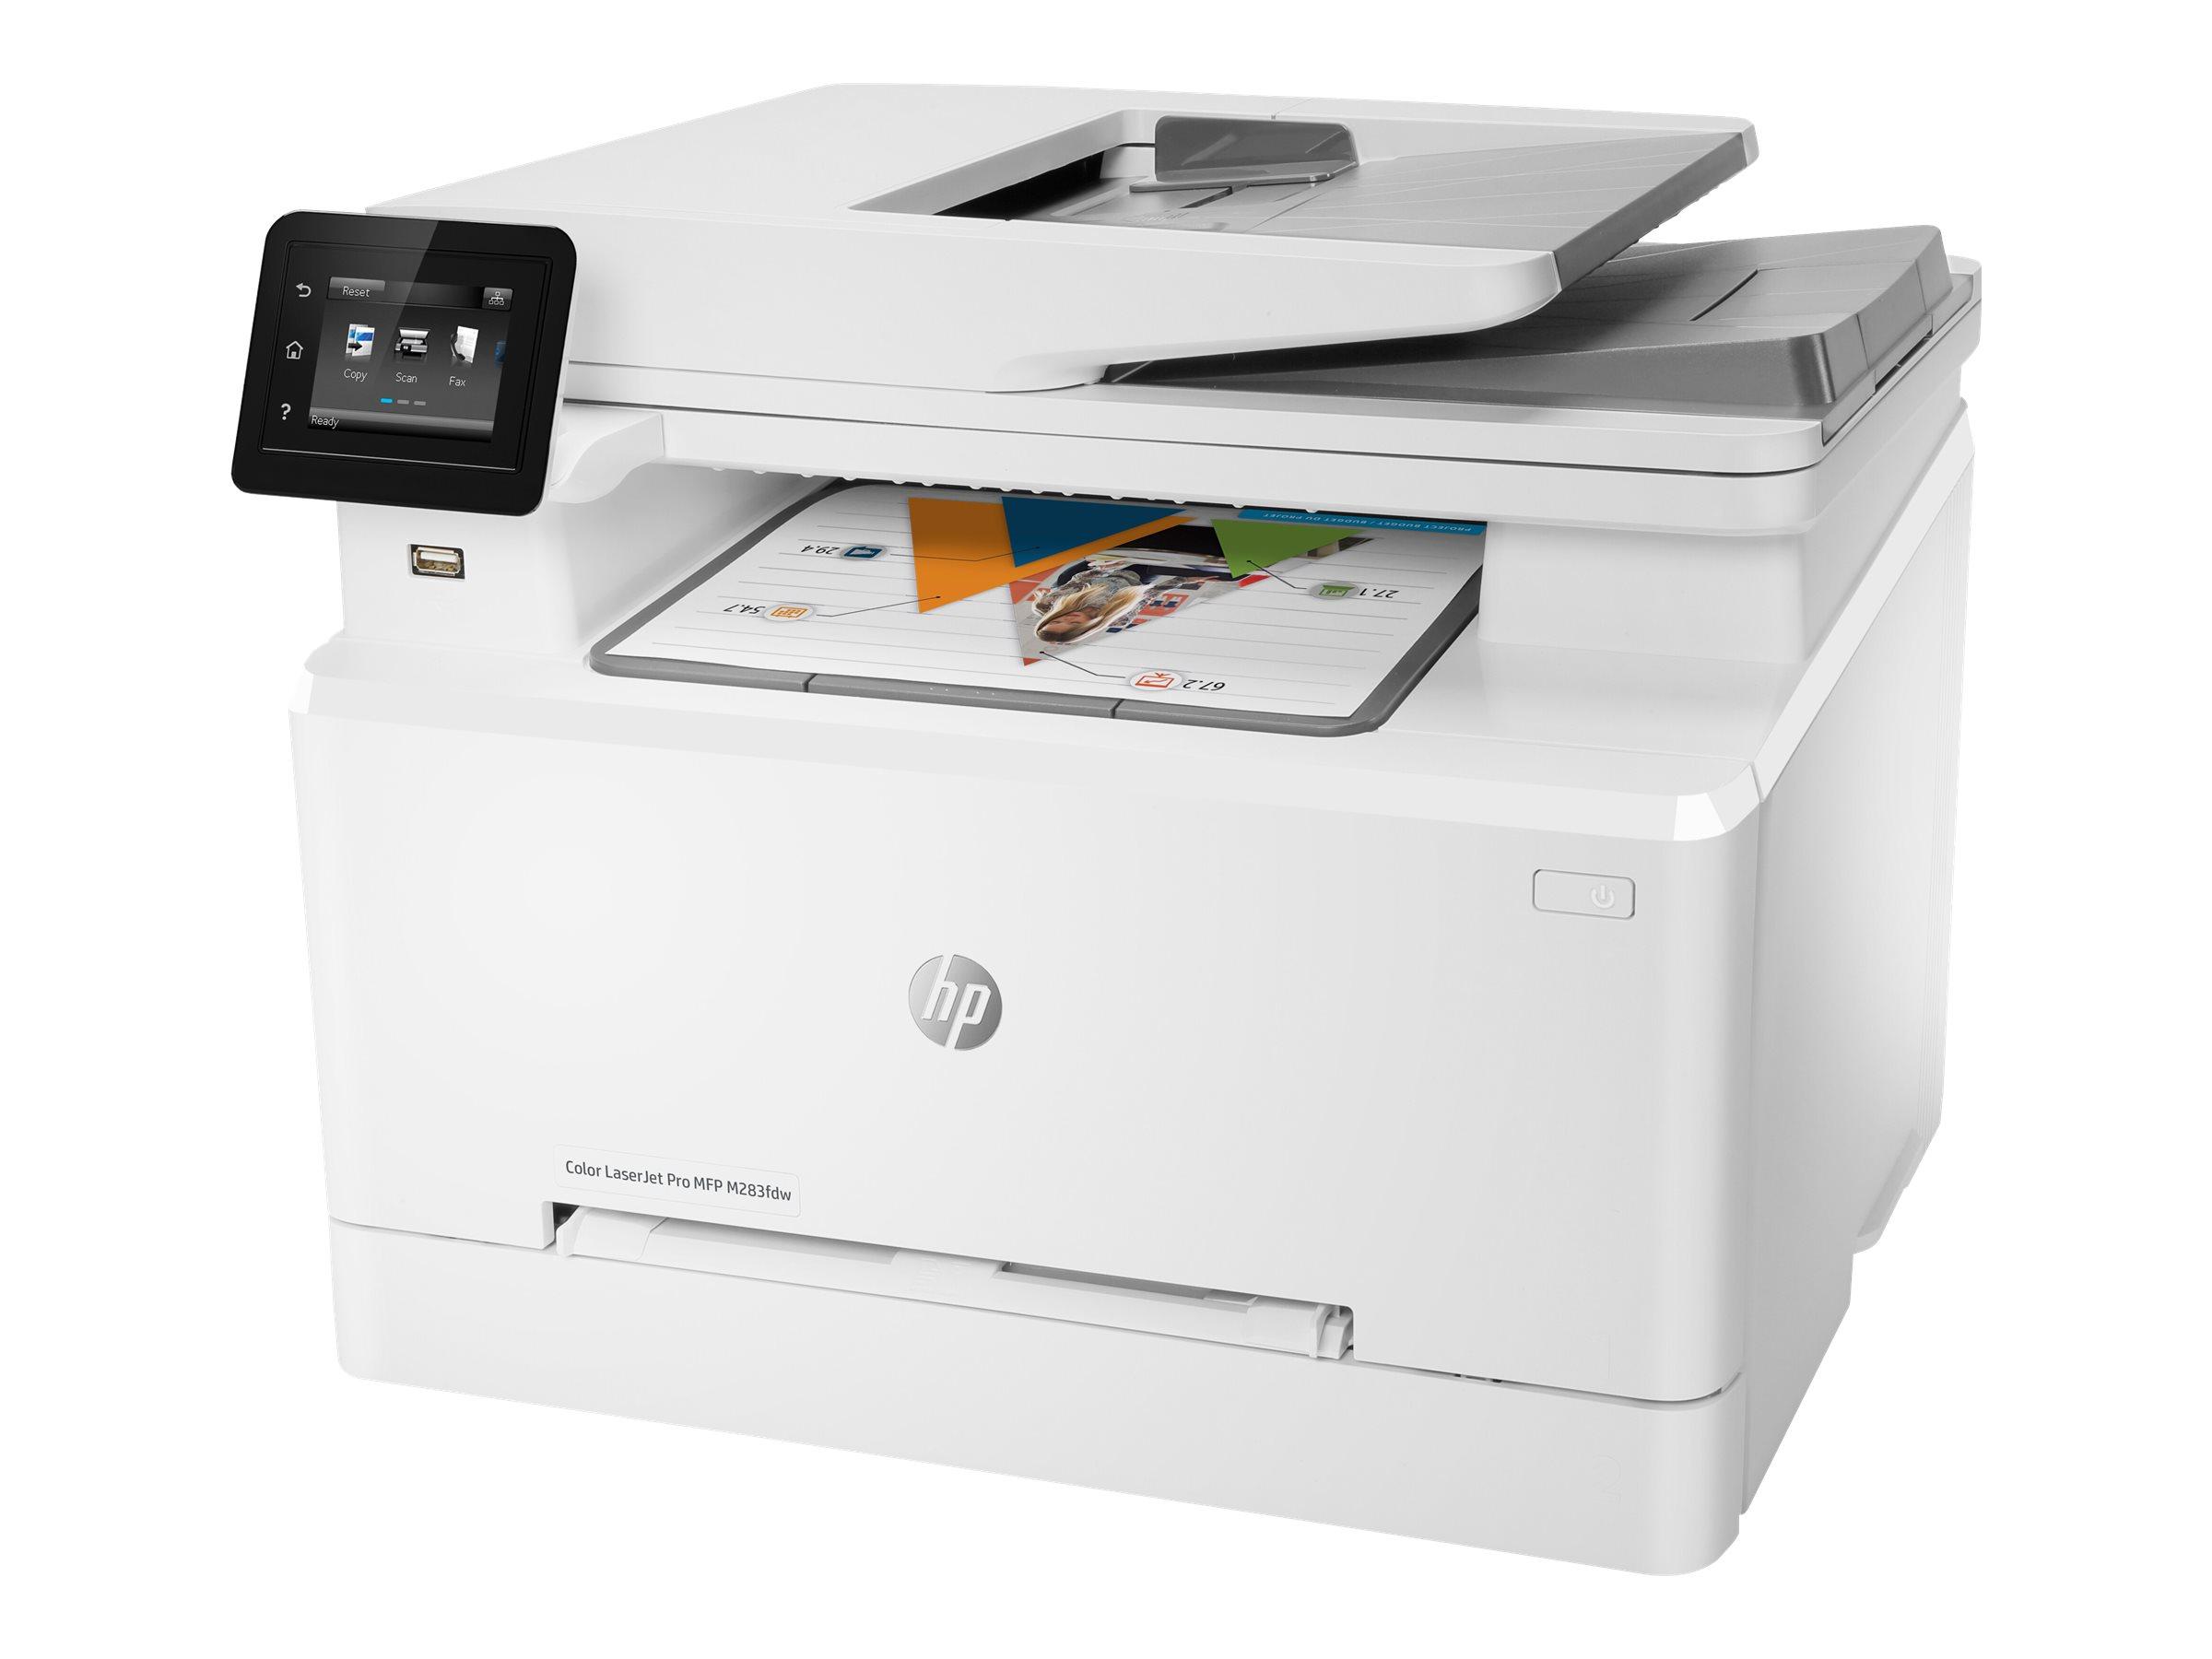 HP Color LaserJet Pro MFP M283fdw - Multifunktionsdrucker - Farbe - Laser - Legal (216 x 356 mm)